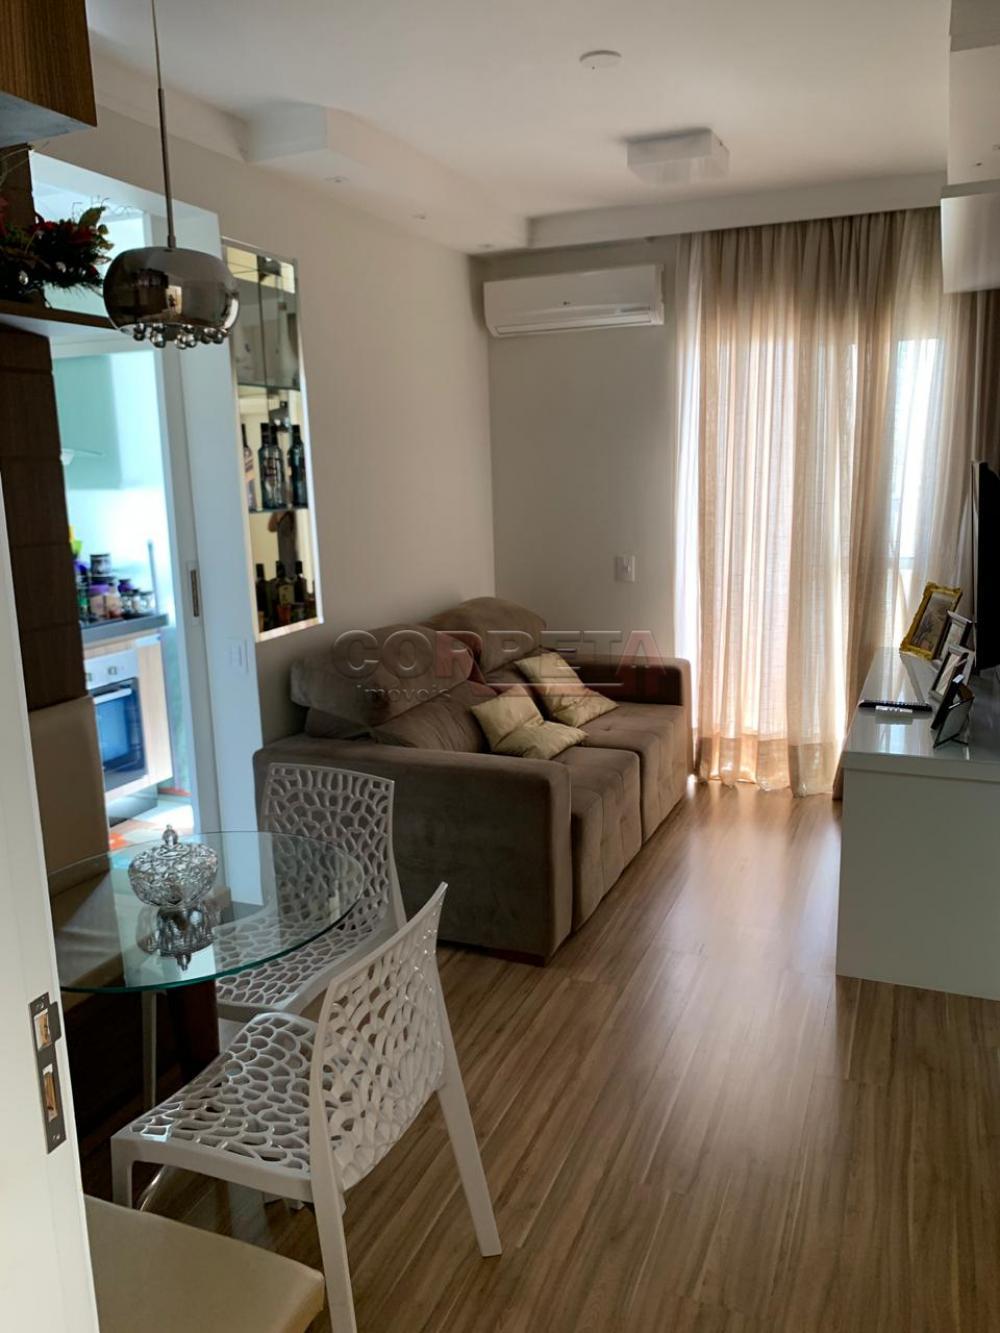 Comprar Apartamento / Padrão em Araçatuba R$ 185.000,00 - Foto 1